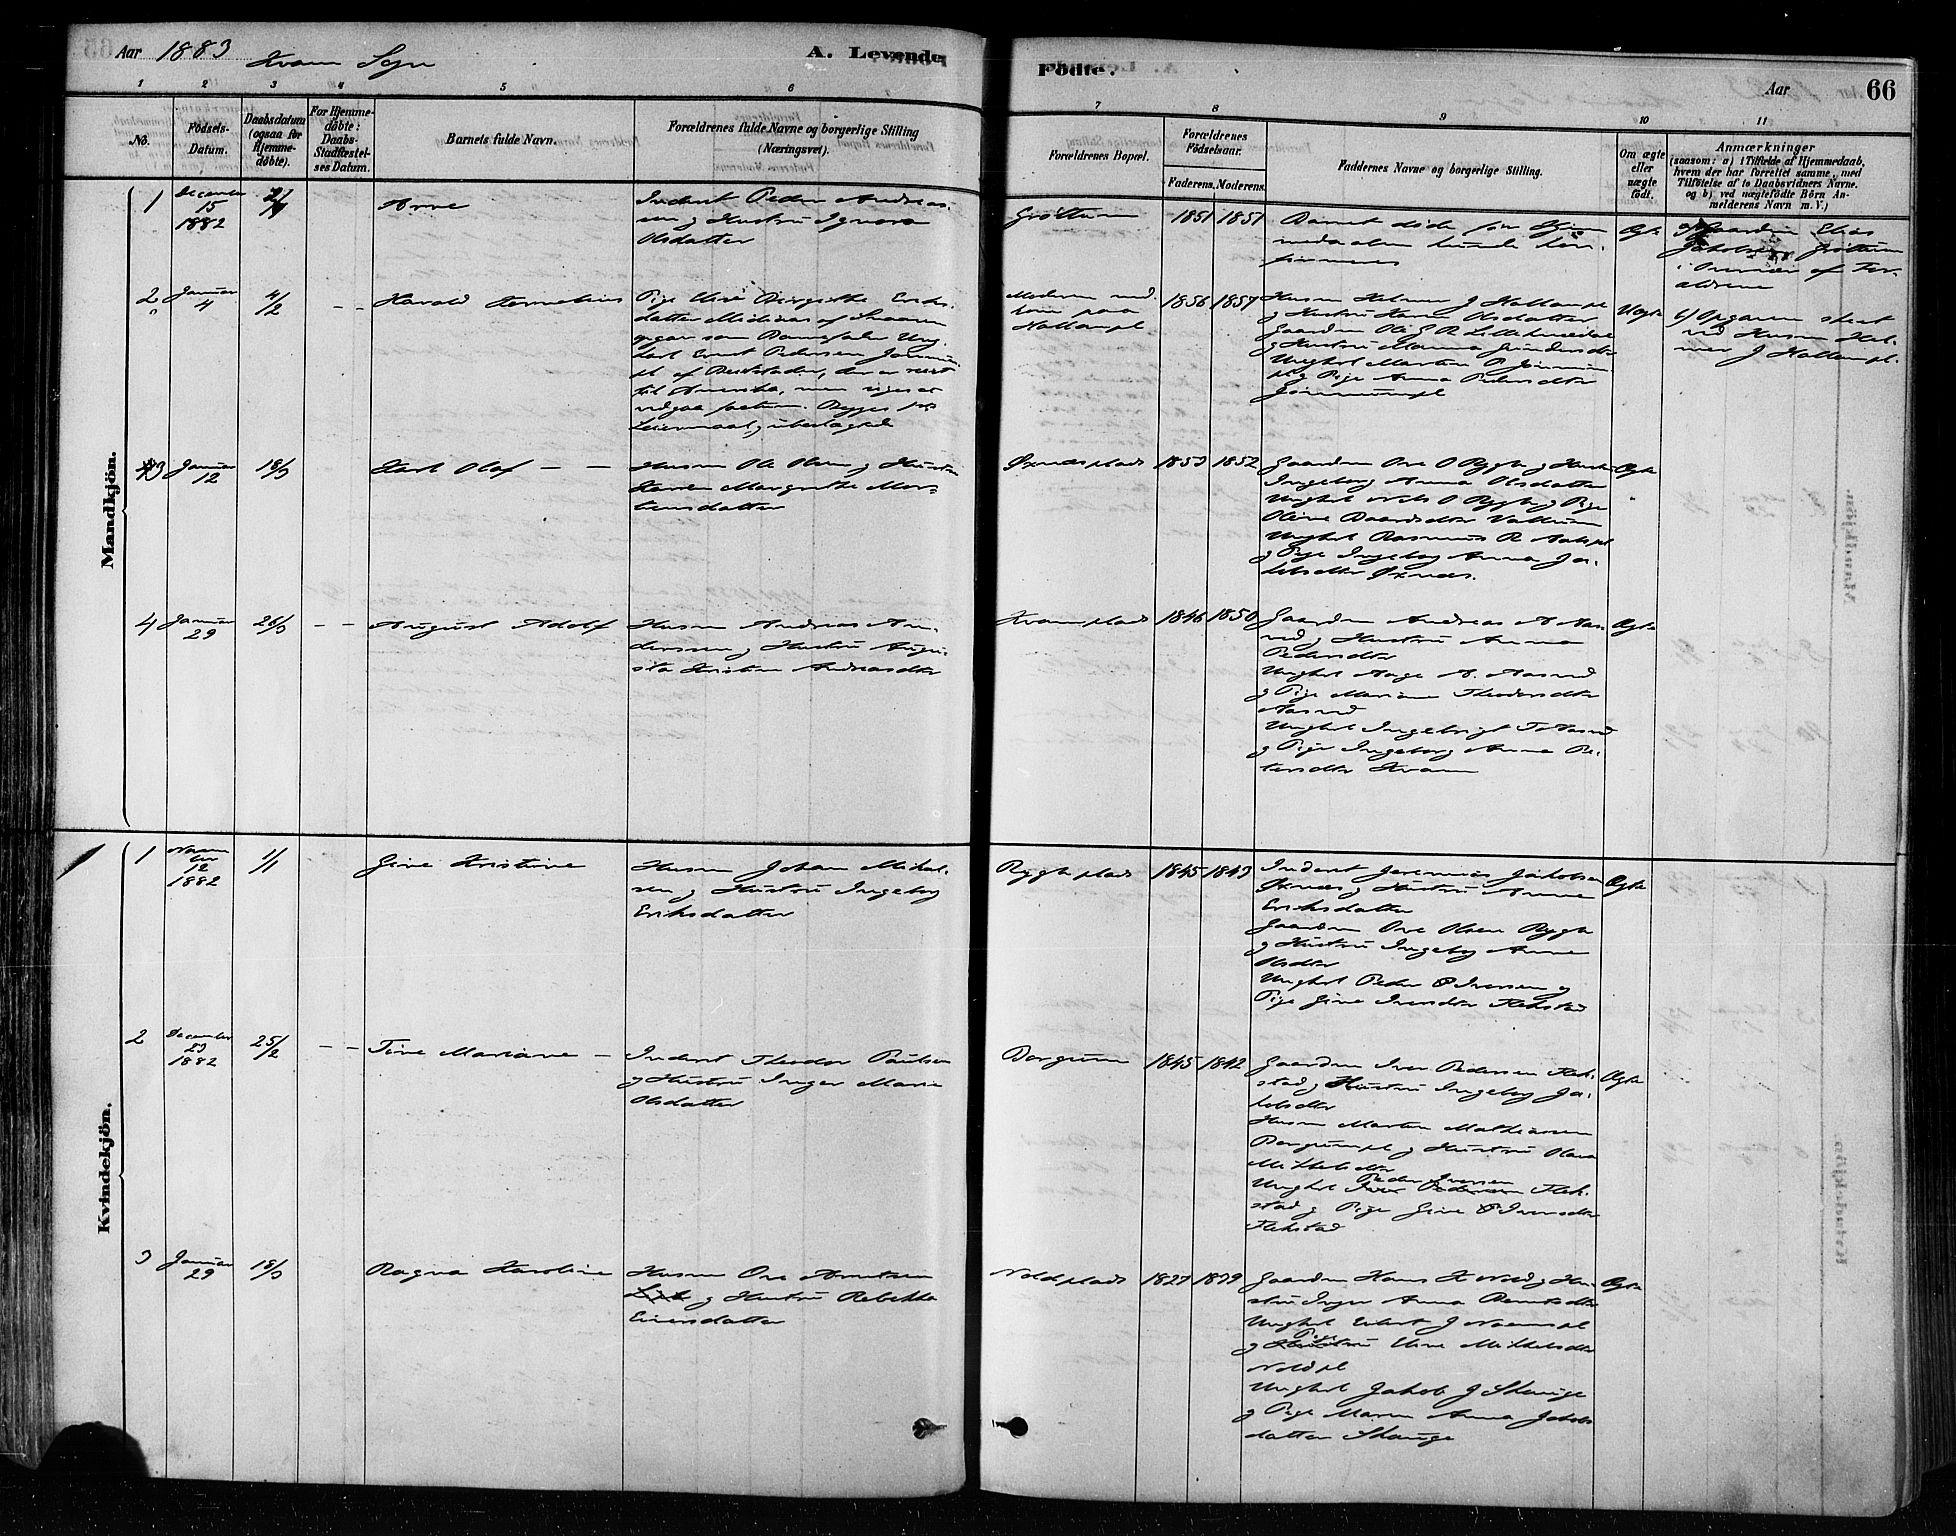 SAT, Ministerialprotokoller, klokkerbøker og fødselsregistre - Nord-Trøndelag, 746/L0449: Ministerialbok nr. 746A07 /2, 1878-1899, s. 66